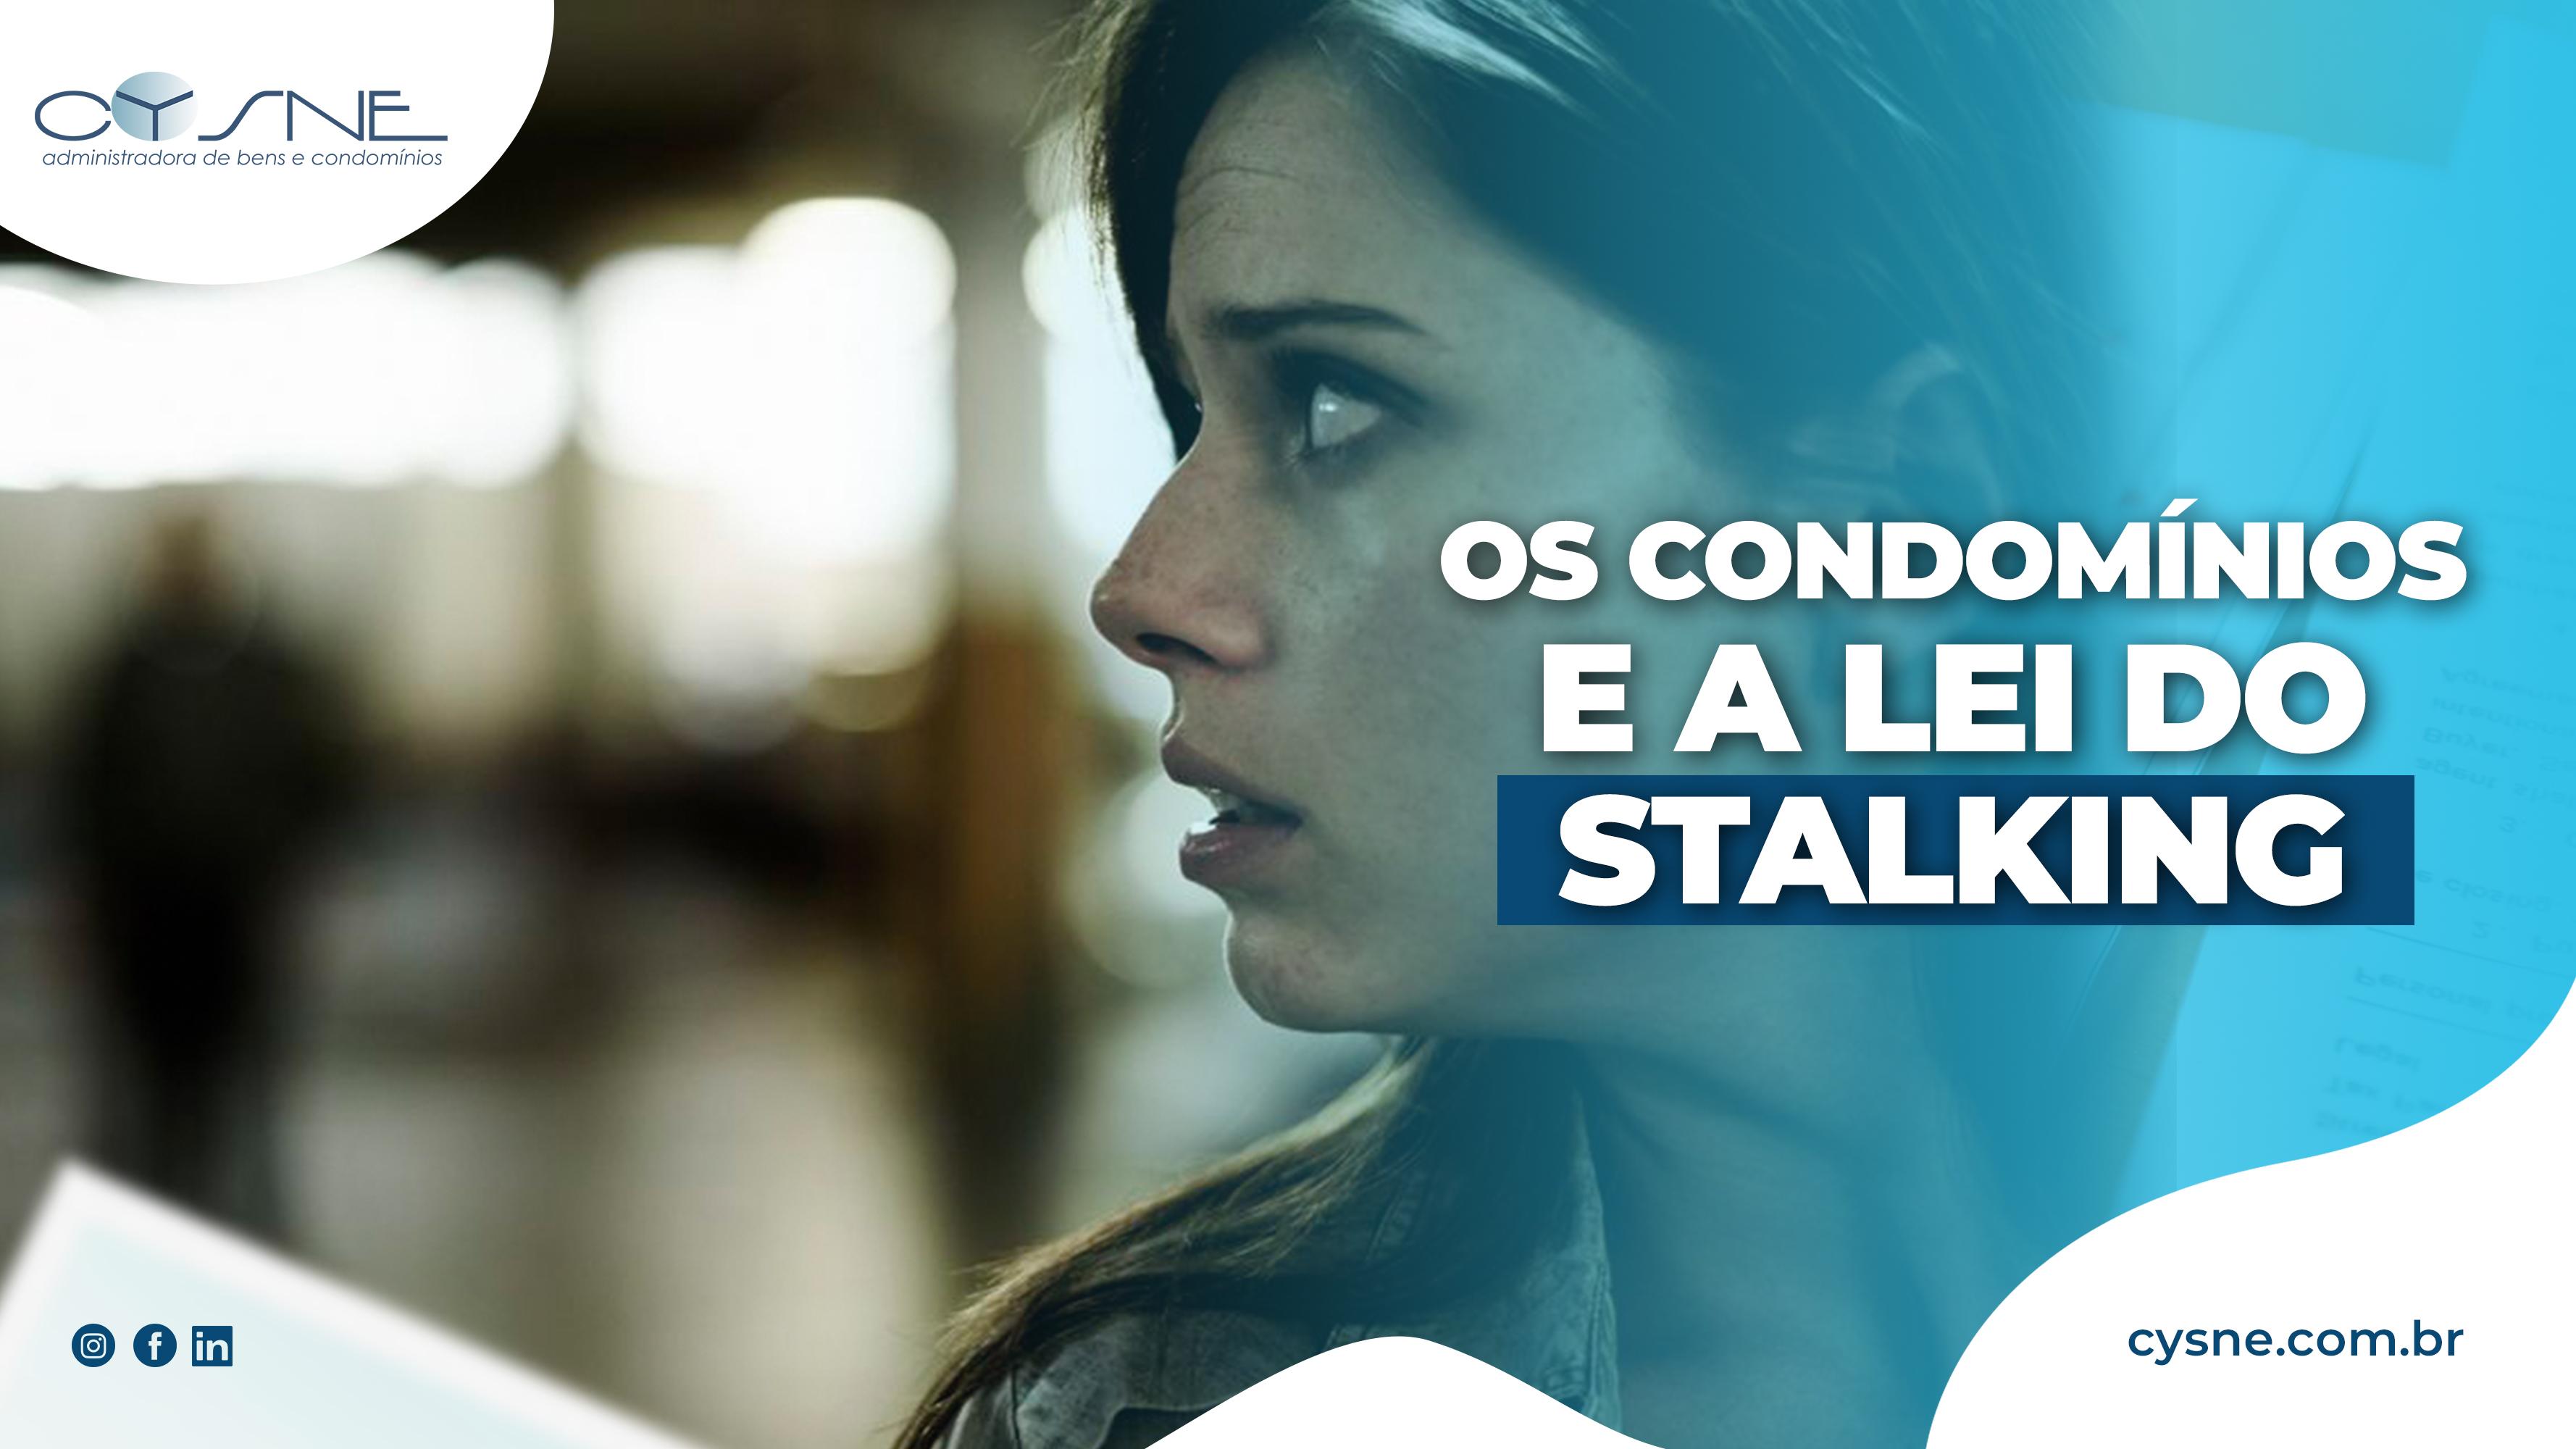 Lei Do Stalking - Cysne Administradora de bens e Condomínios